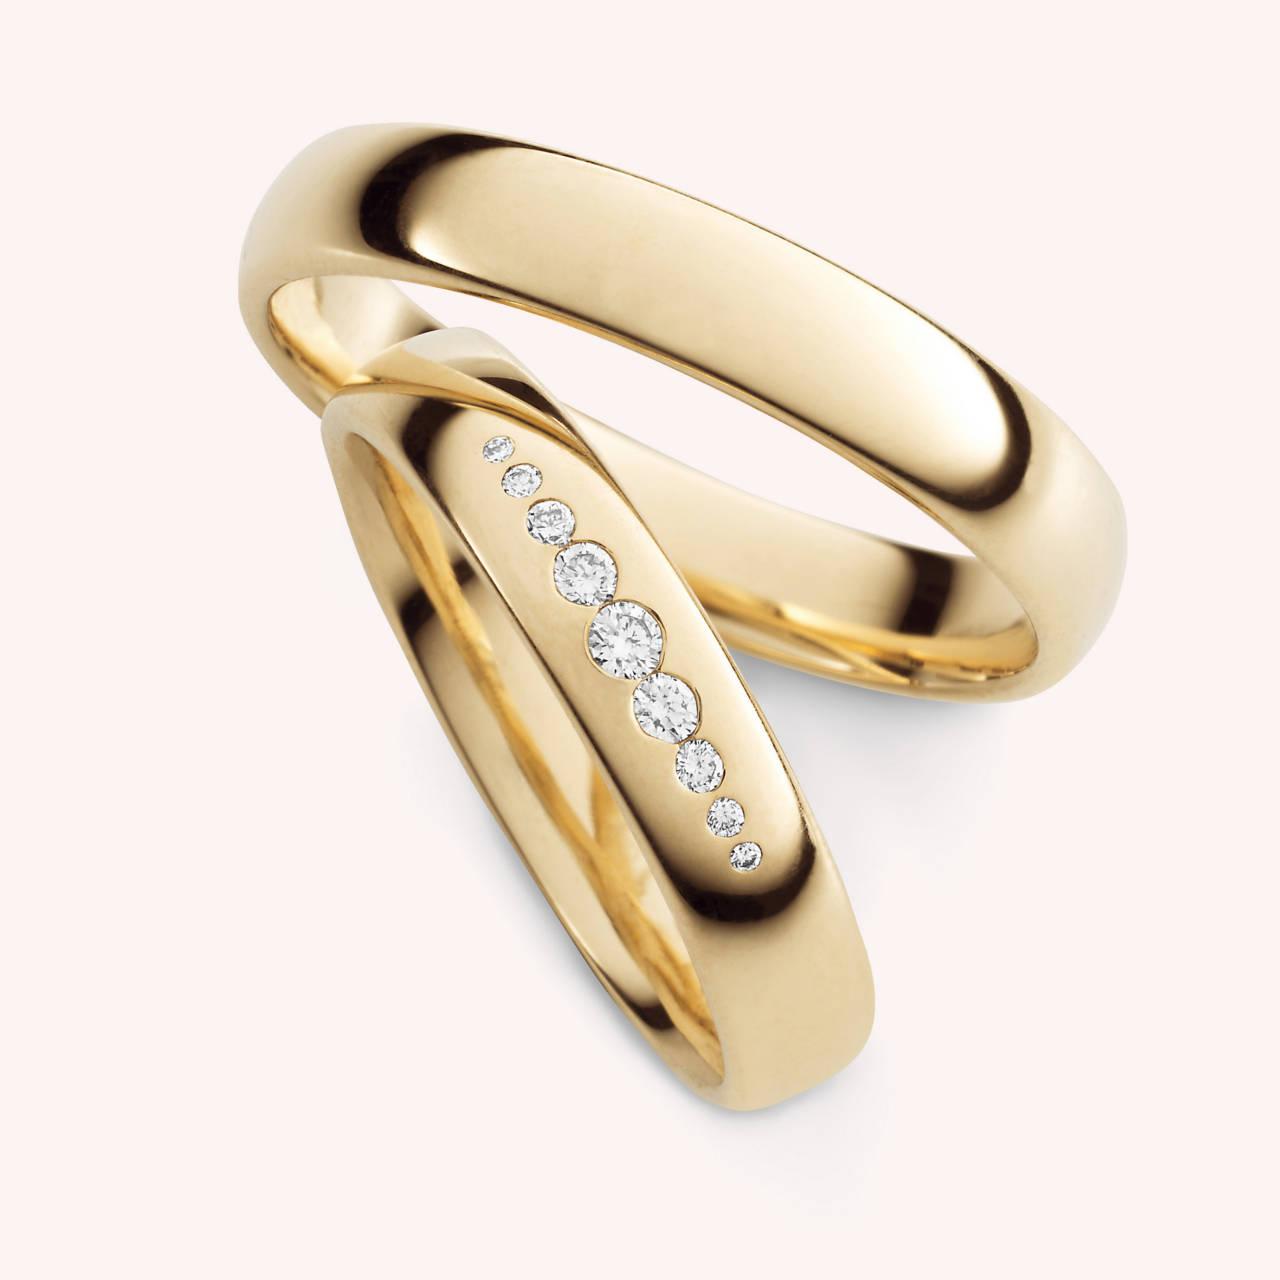 TrendRosgold Eheringe mit Diamanten 30334  EHERINGEde